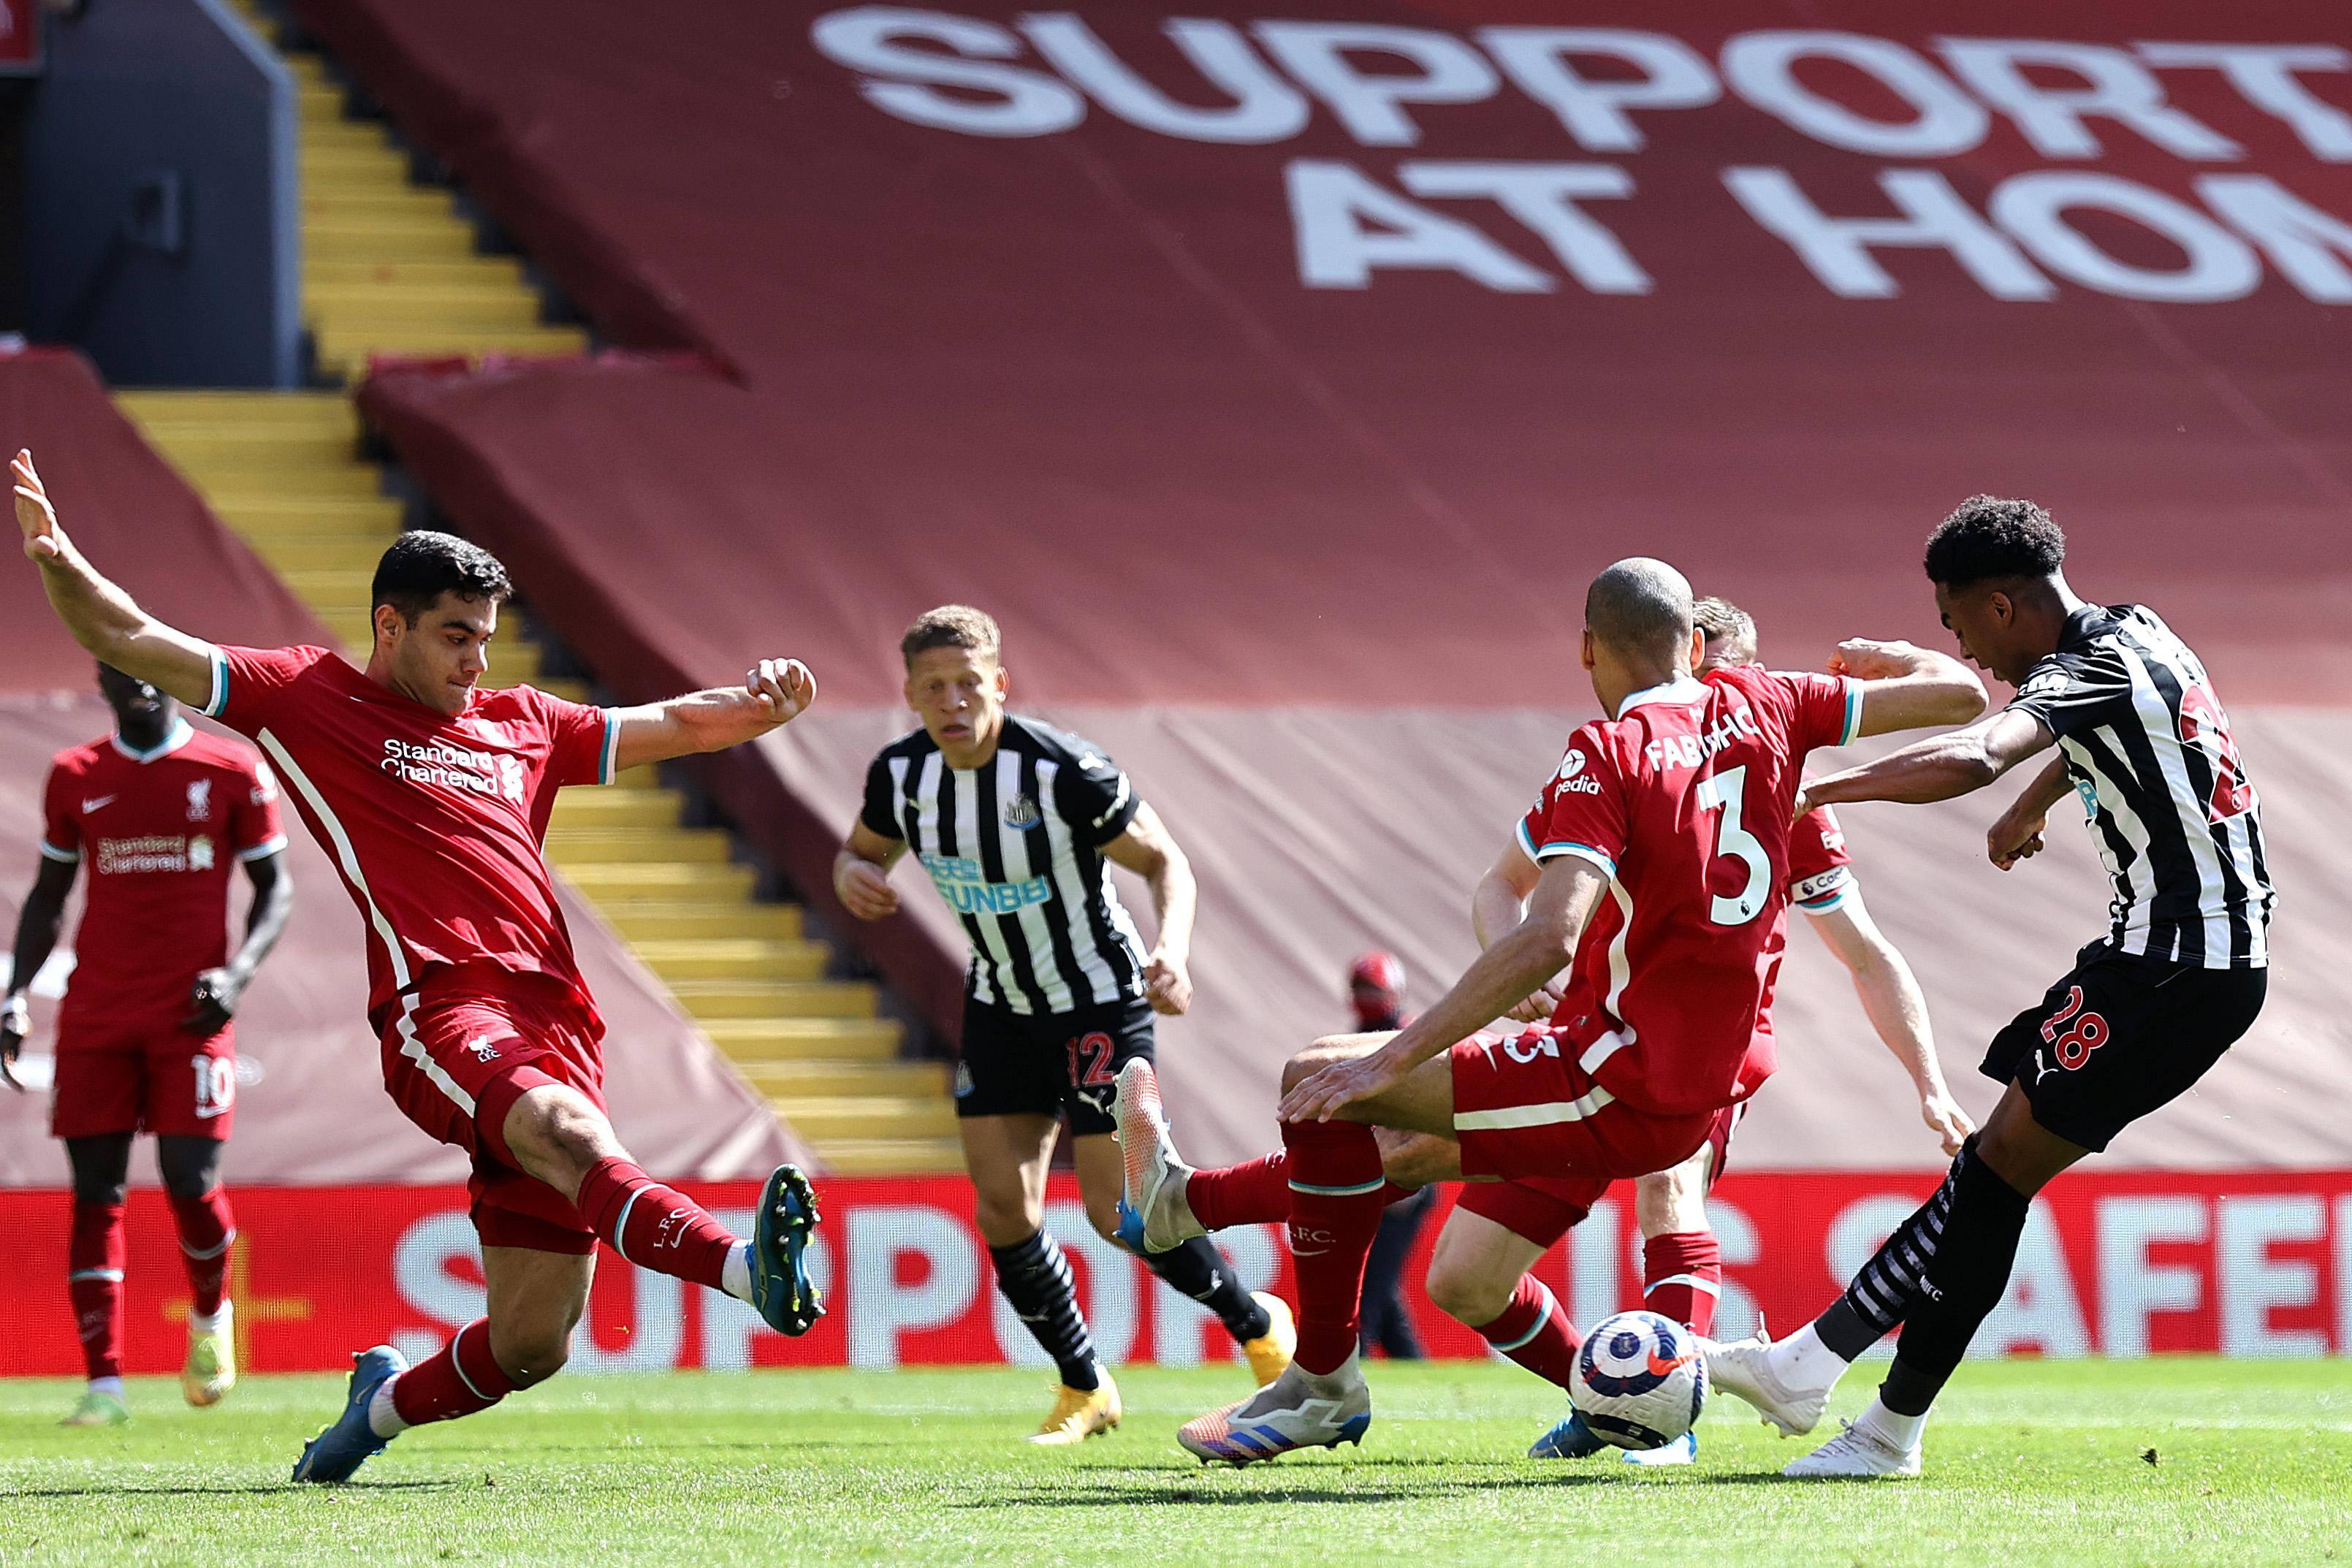 原创             耻辱!利物浦2021年主场仅拿5分 英伦92队倒数第2